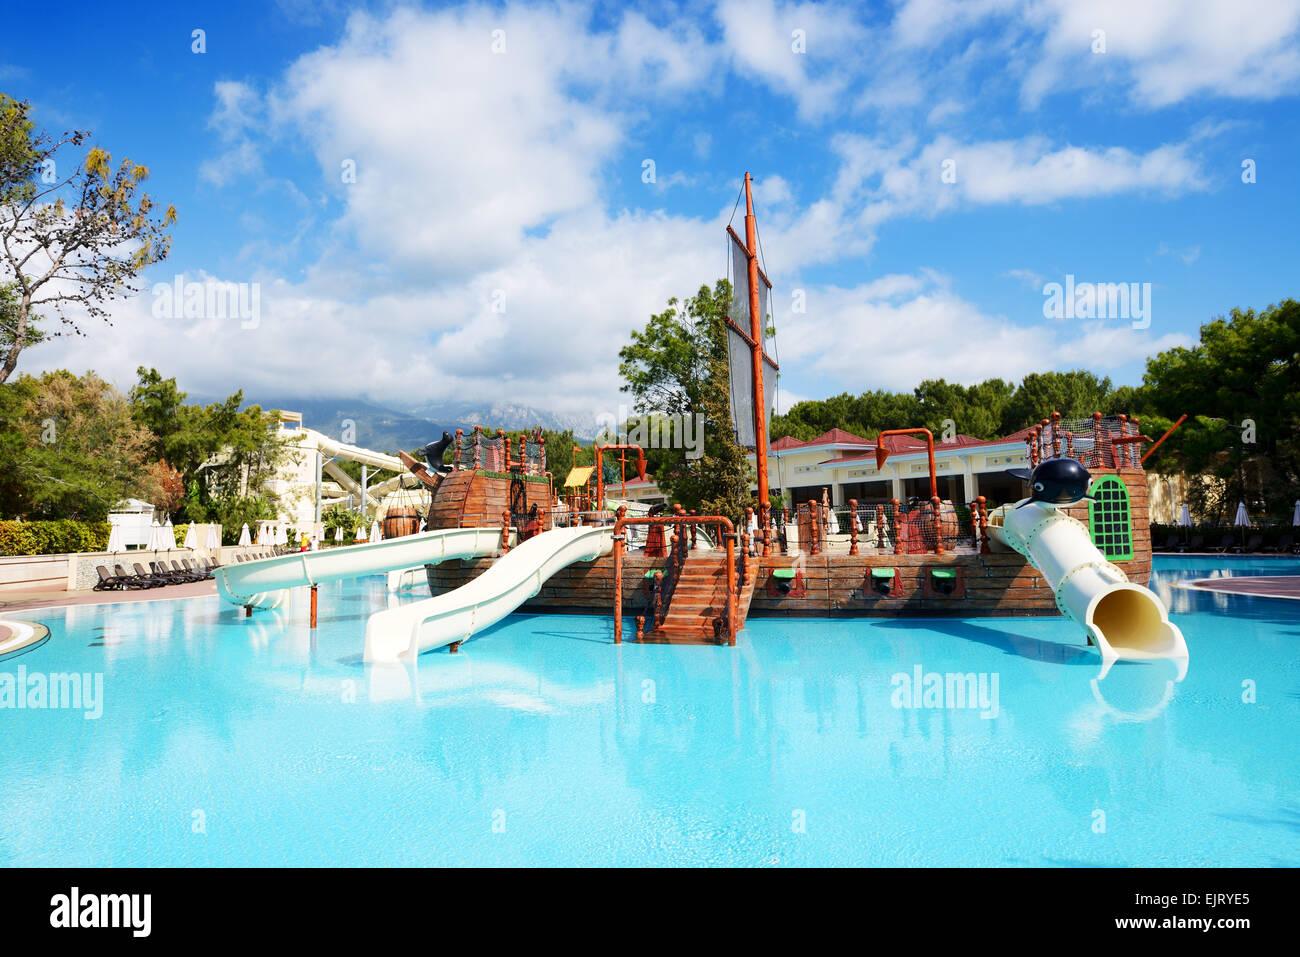 Schwimmbad mit wasser gleitet im luxushotel antalya for Hotel munster mit schwimmbad